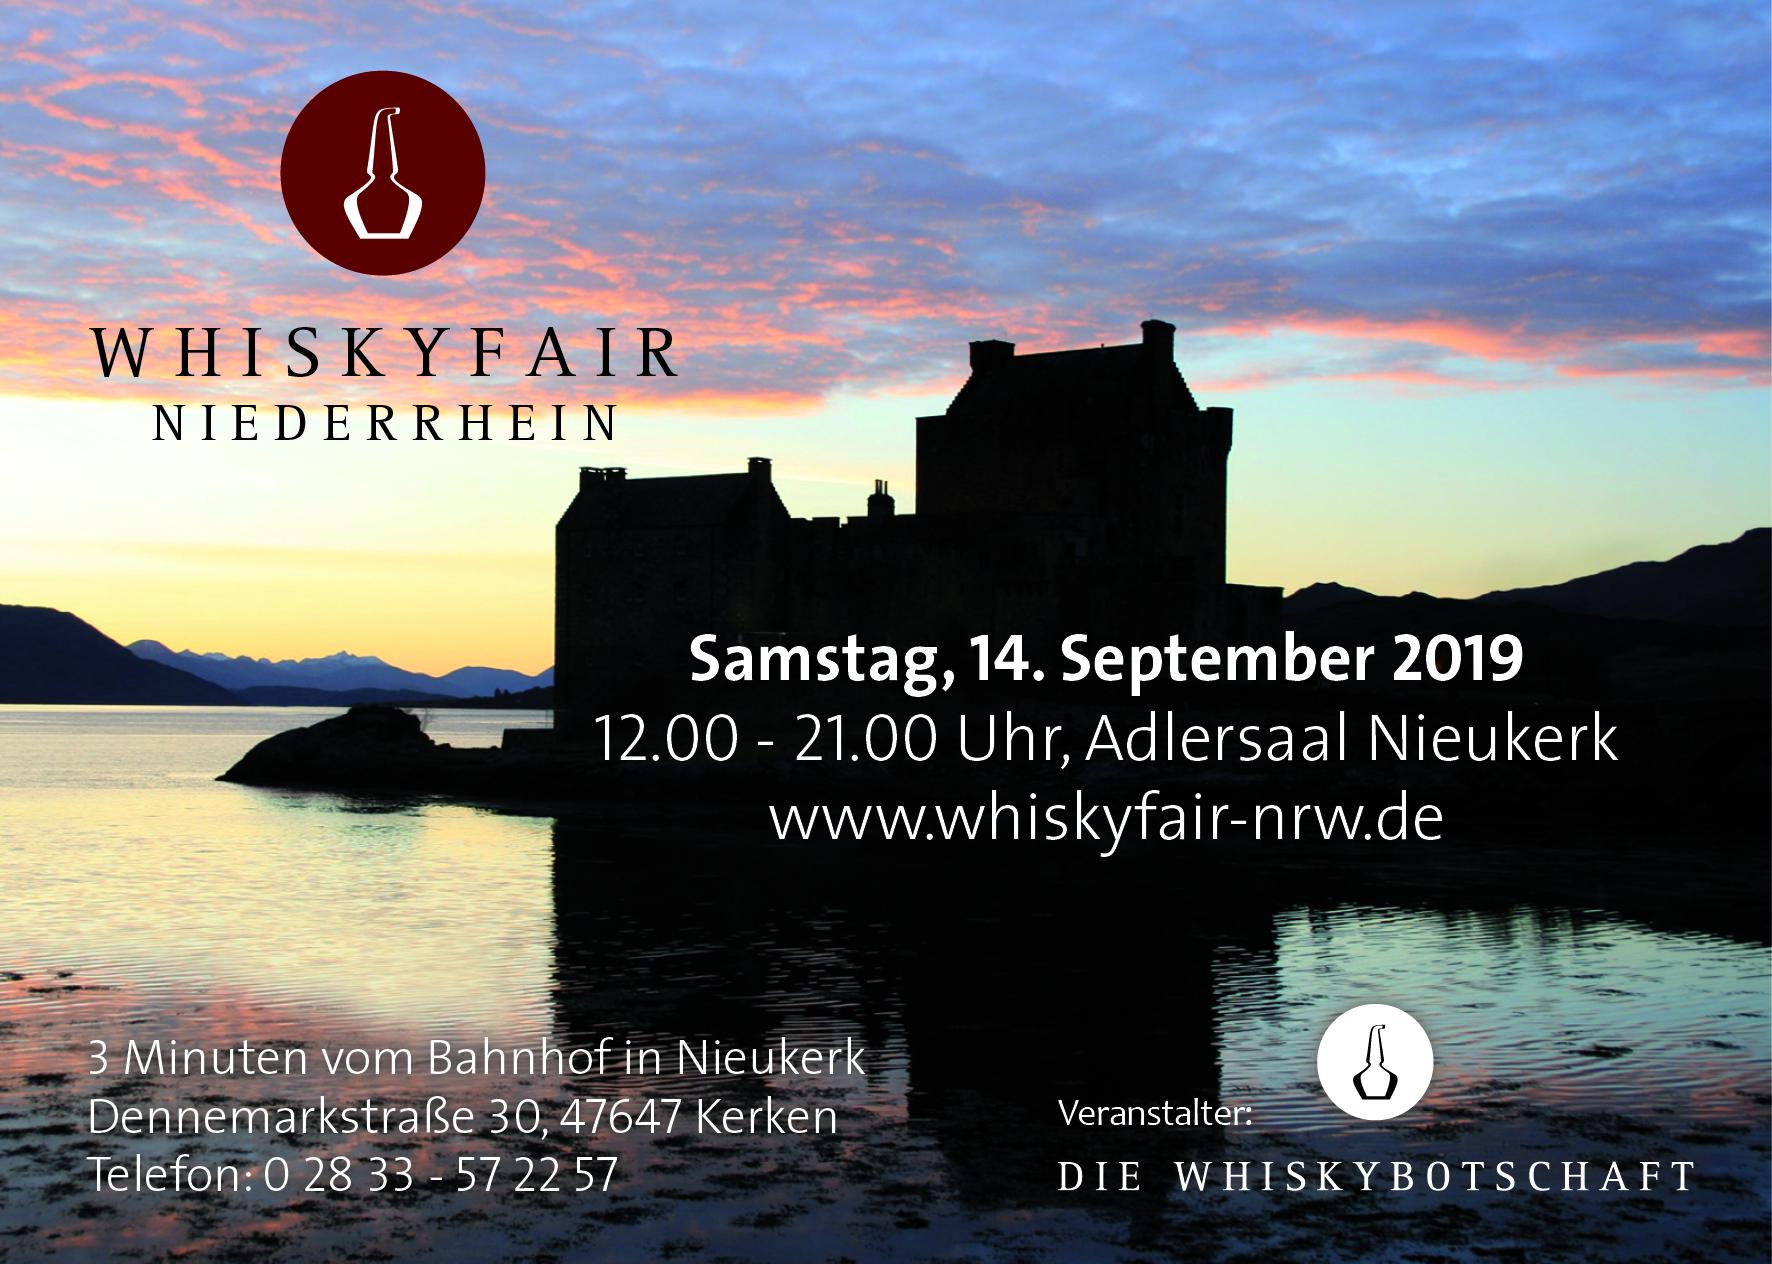 Am 14. September 2019 startet die 5. Whiskymesse am Niederrhein!